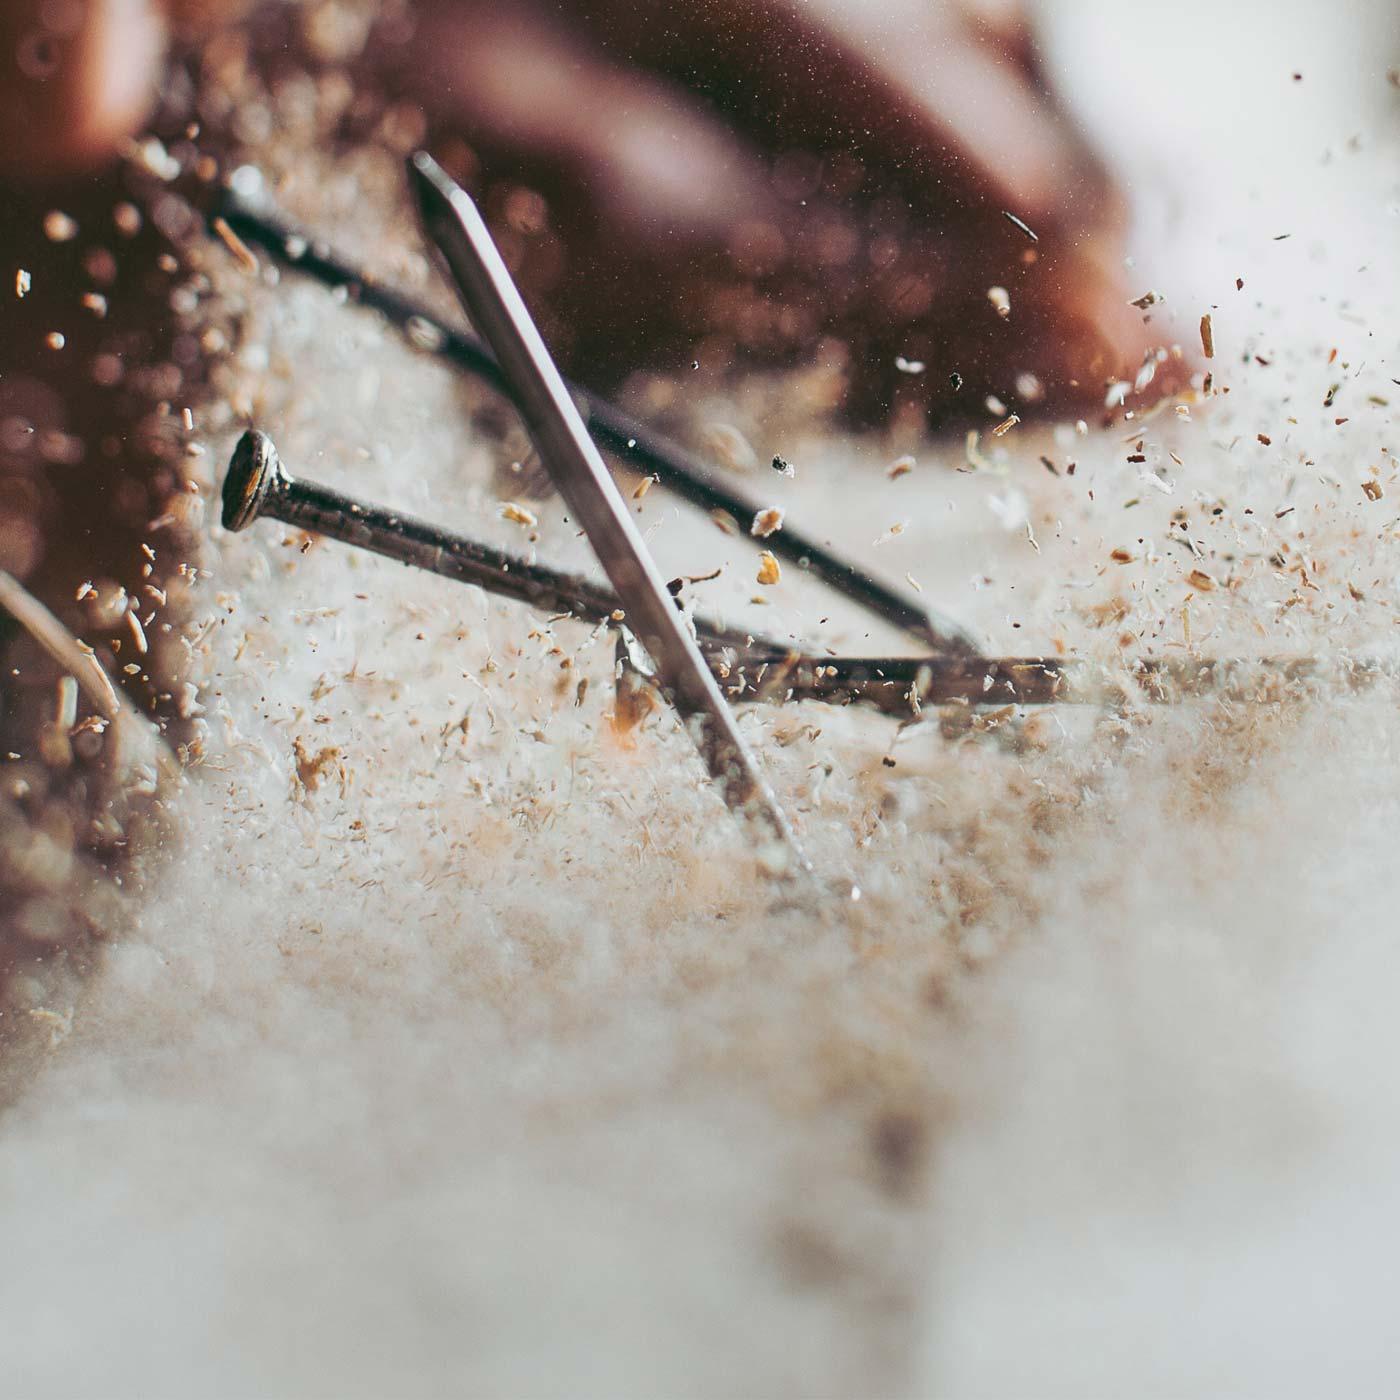 Detailansicht Nägel und fliegende Holzspäne